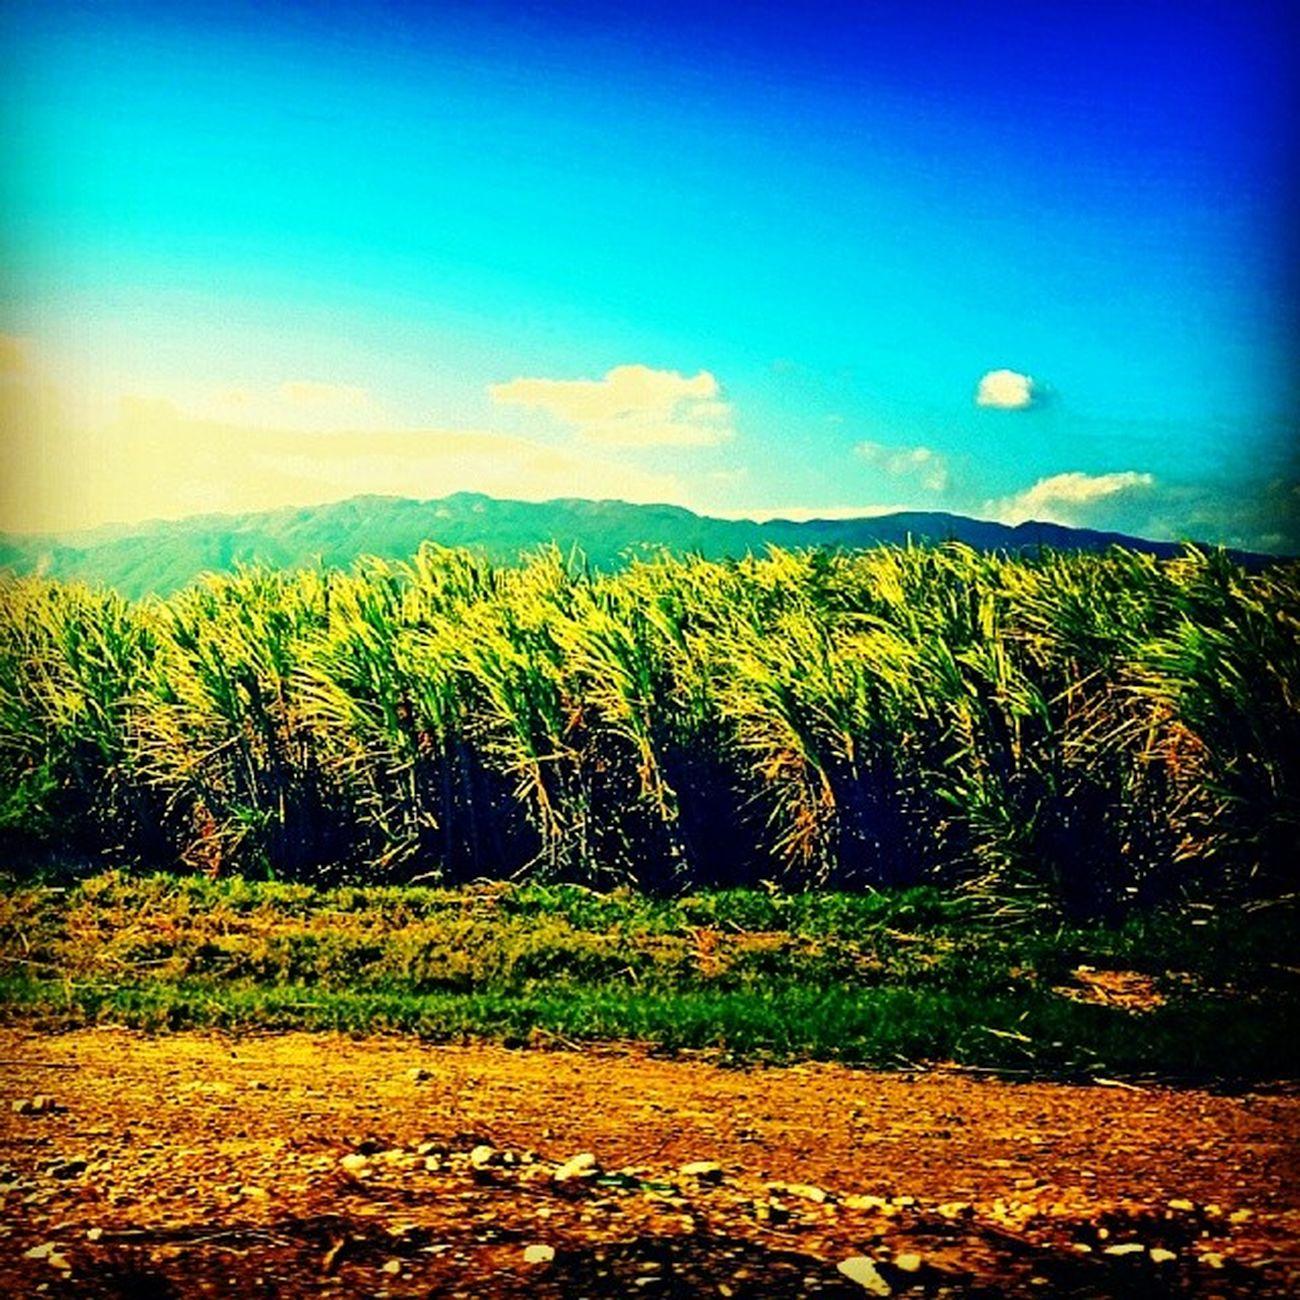 Ya casi llegamos a La Hacirnda Campo Me Palahacienda Instapic hacienda love semanasanta cielo cute summer vacaciones sun pasto natural